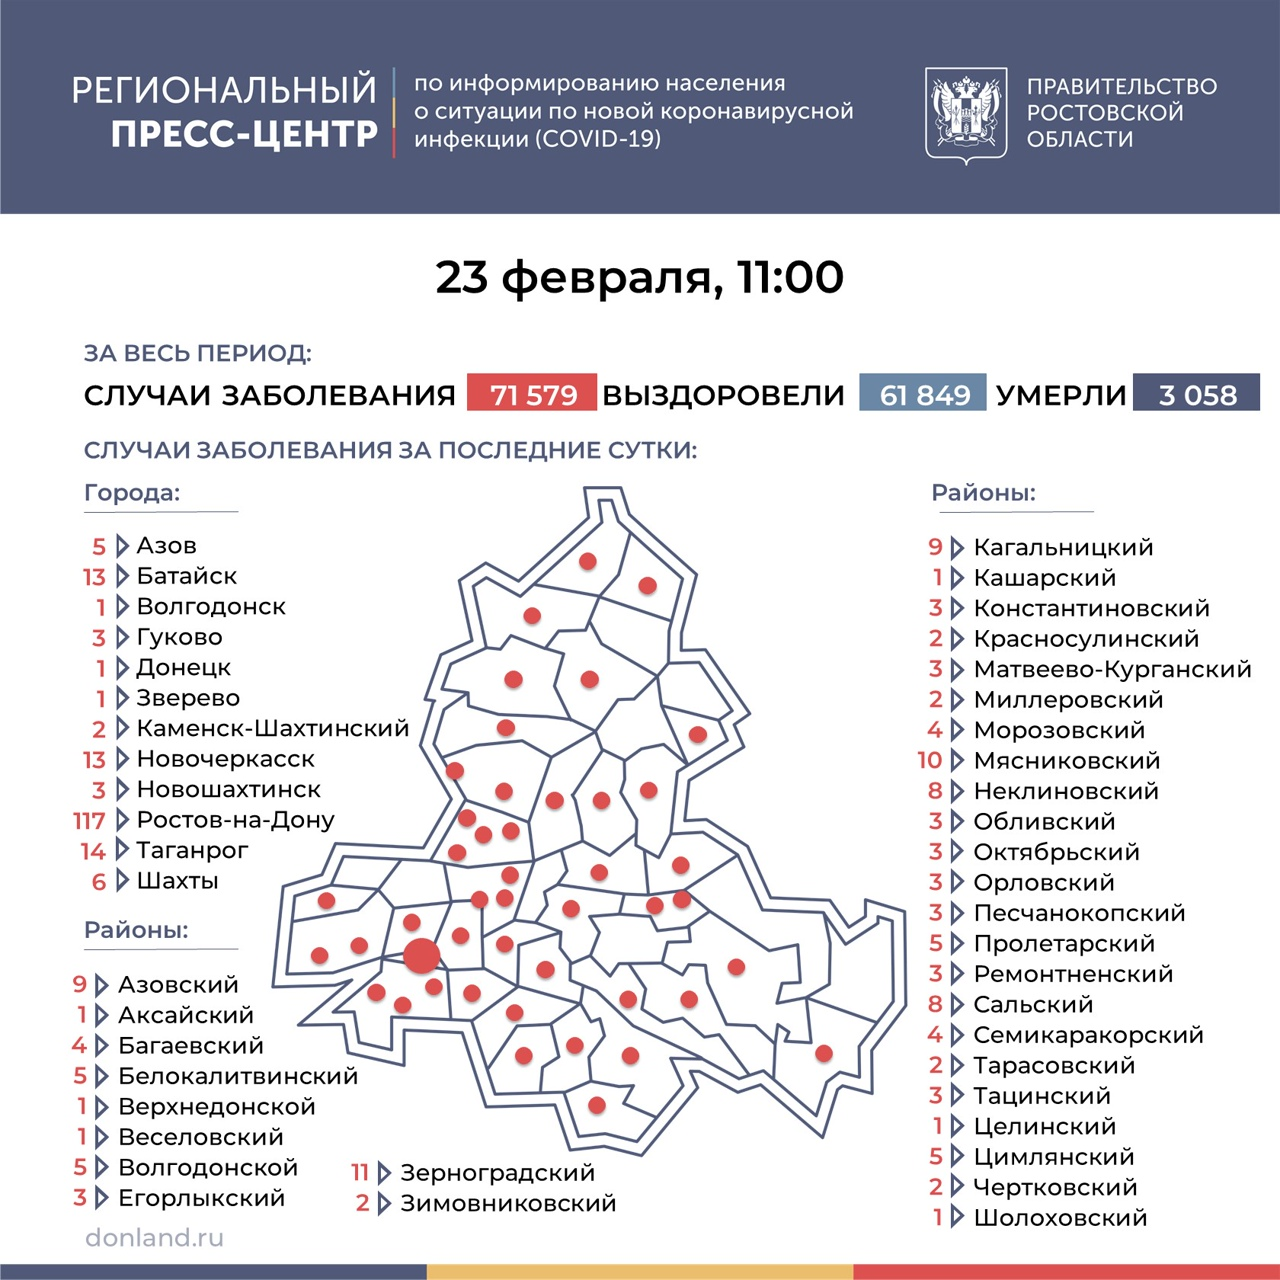 По числу зараженных COVID-19 за сутки в Ростовской области лидируют Ростов-на-Дону и Таганрог